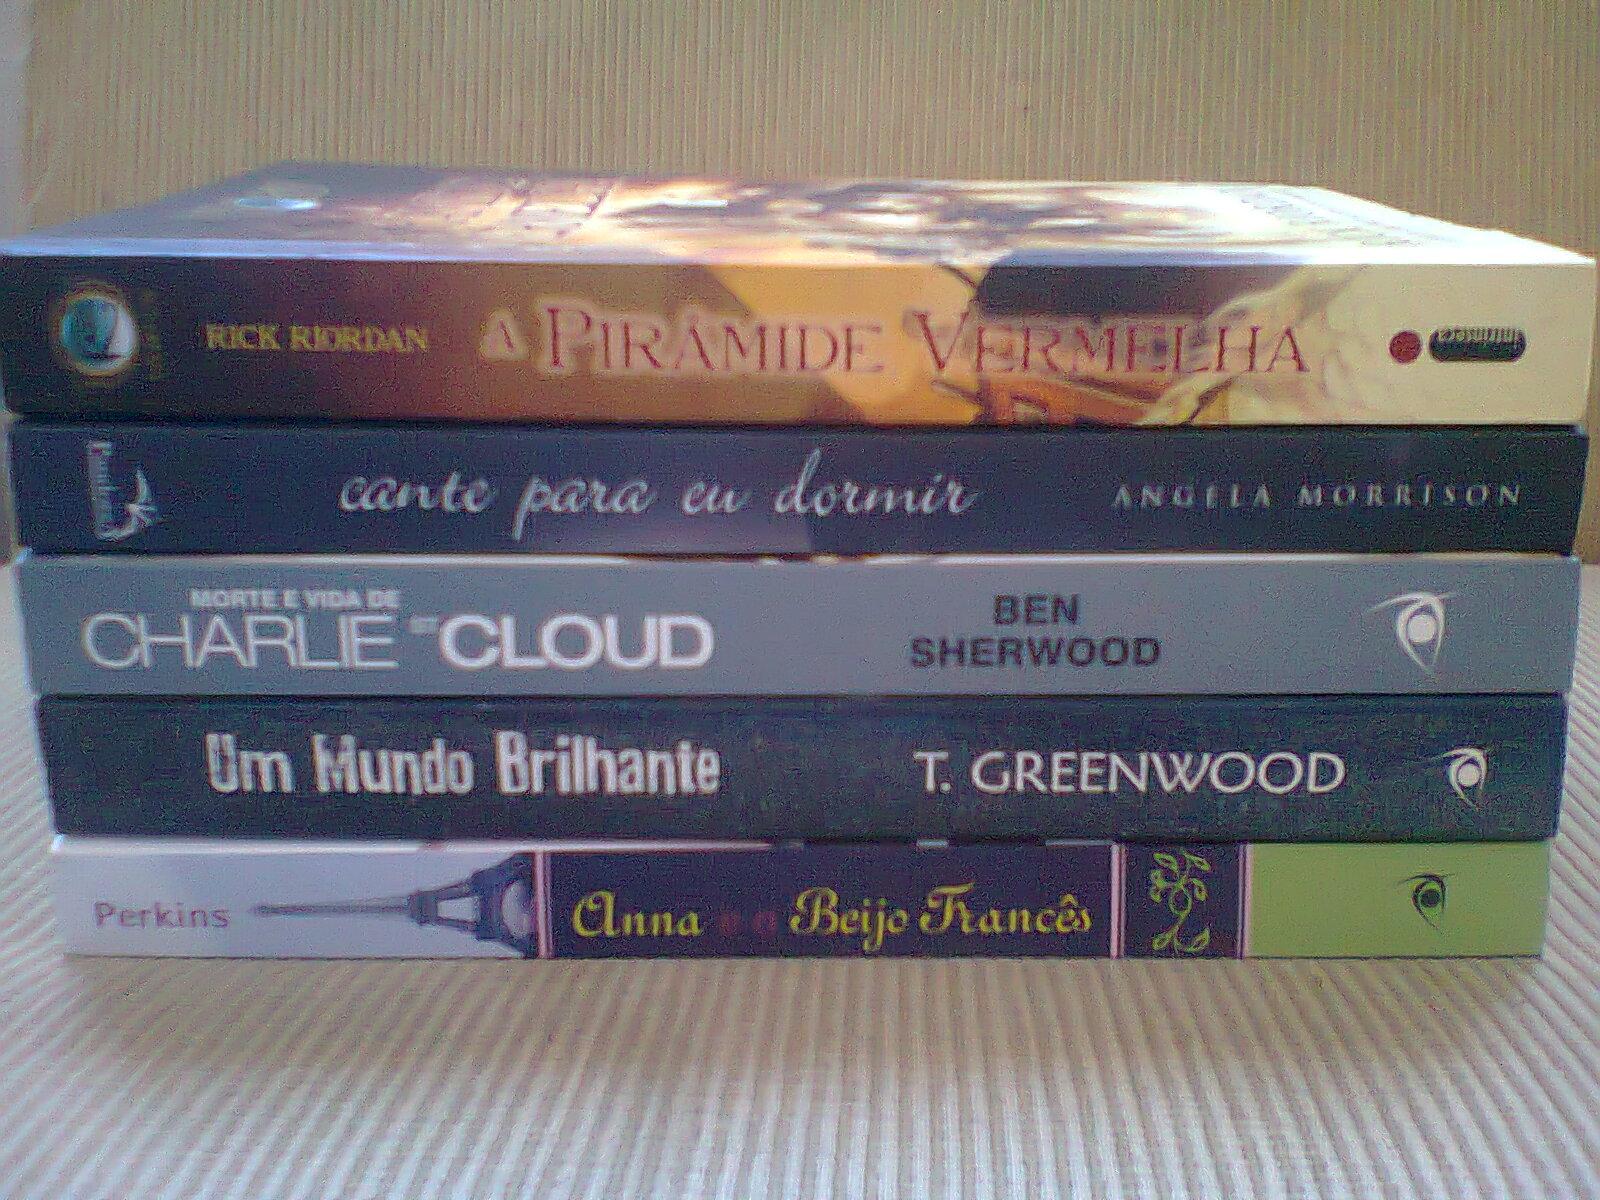 caixinha de correio, fotos de livros